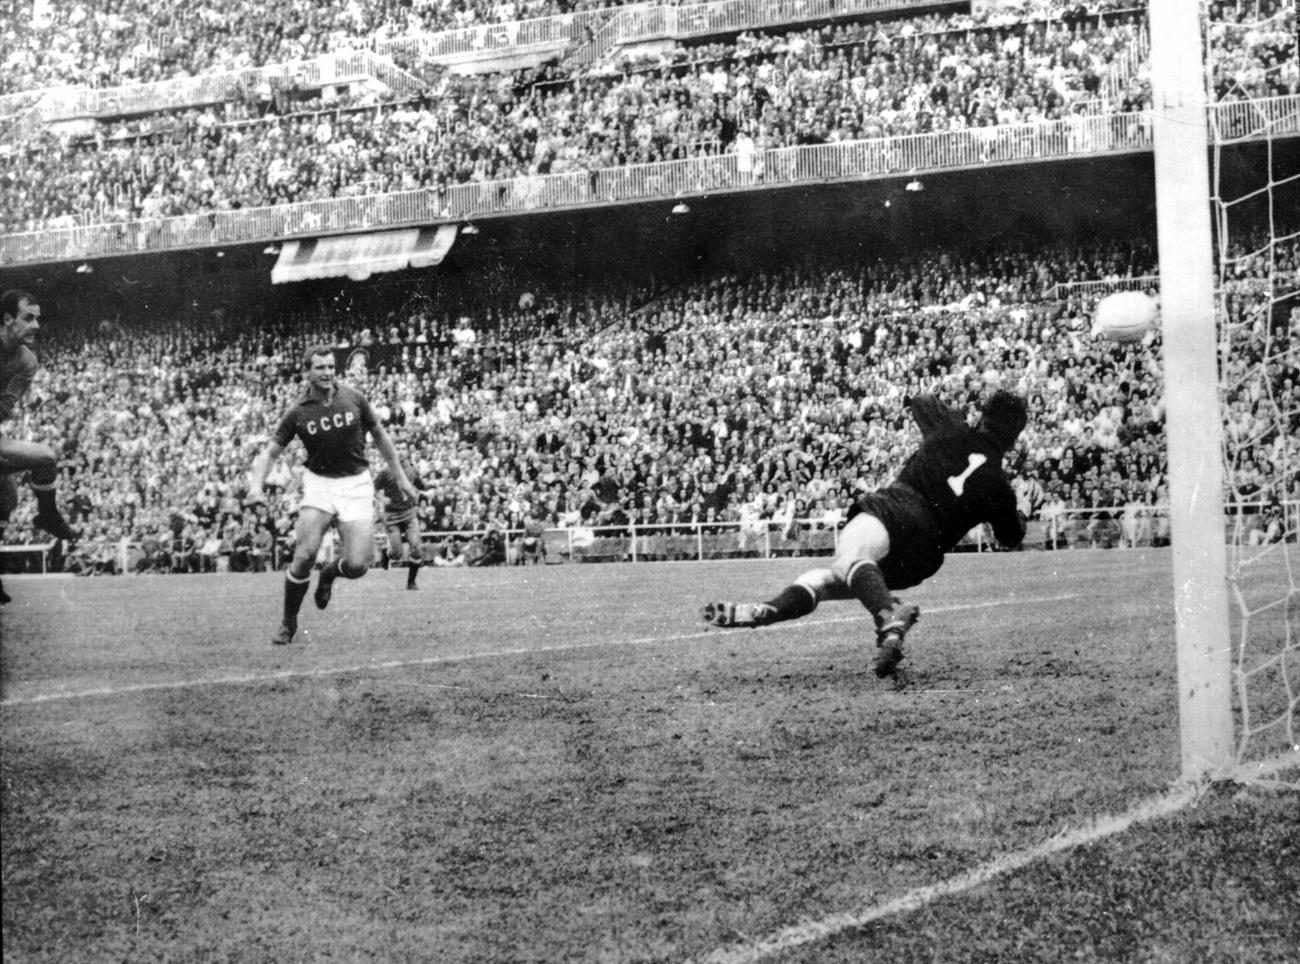 La final de la Copa Europea de Naciones en Madrid, el 17 de junio de 1964.